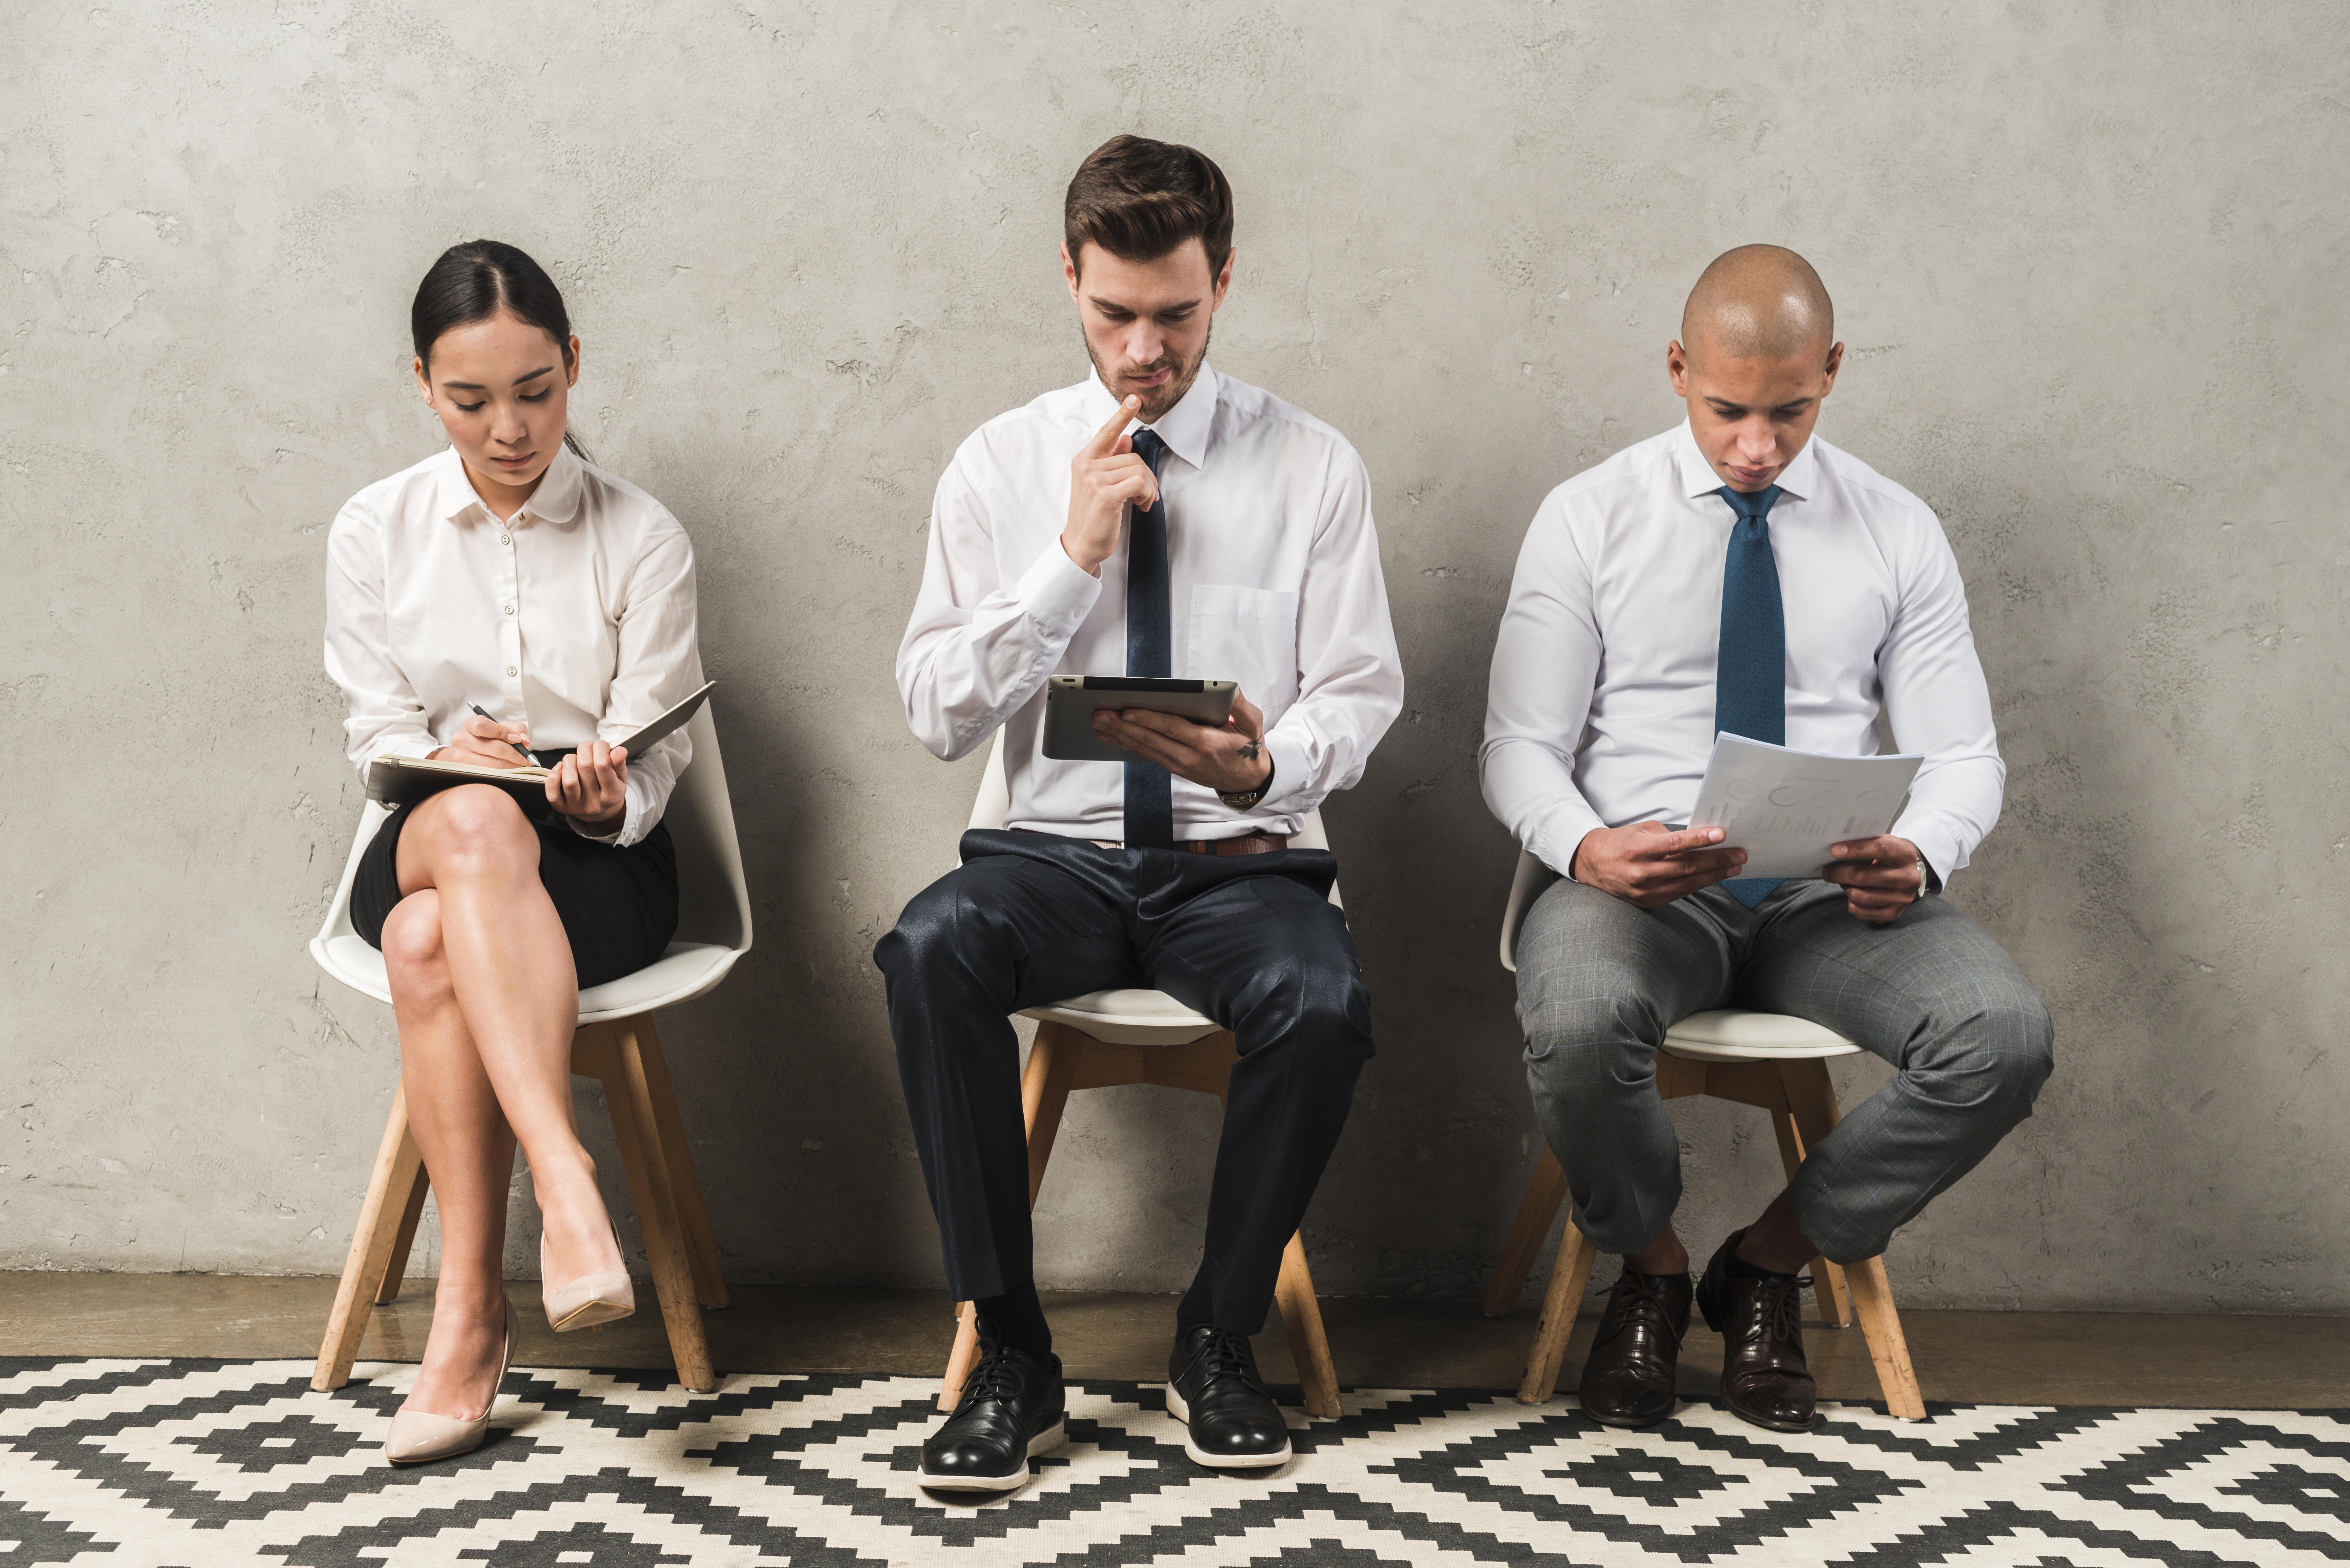 ¿De qué se trata un assessment center? 6 consejos para sobresalir en este tipo de entrevistas